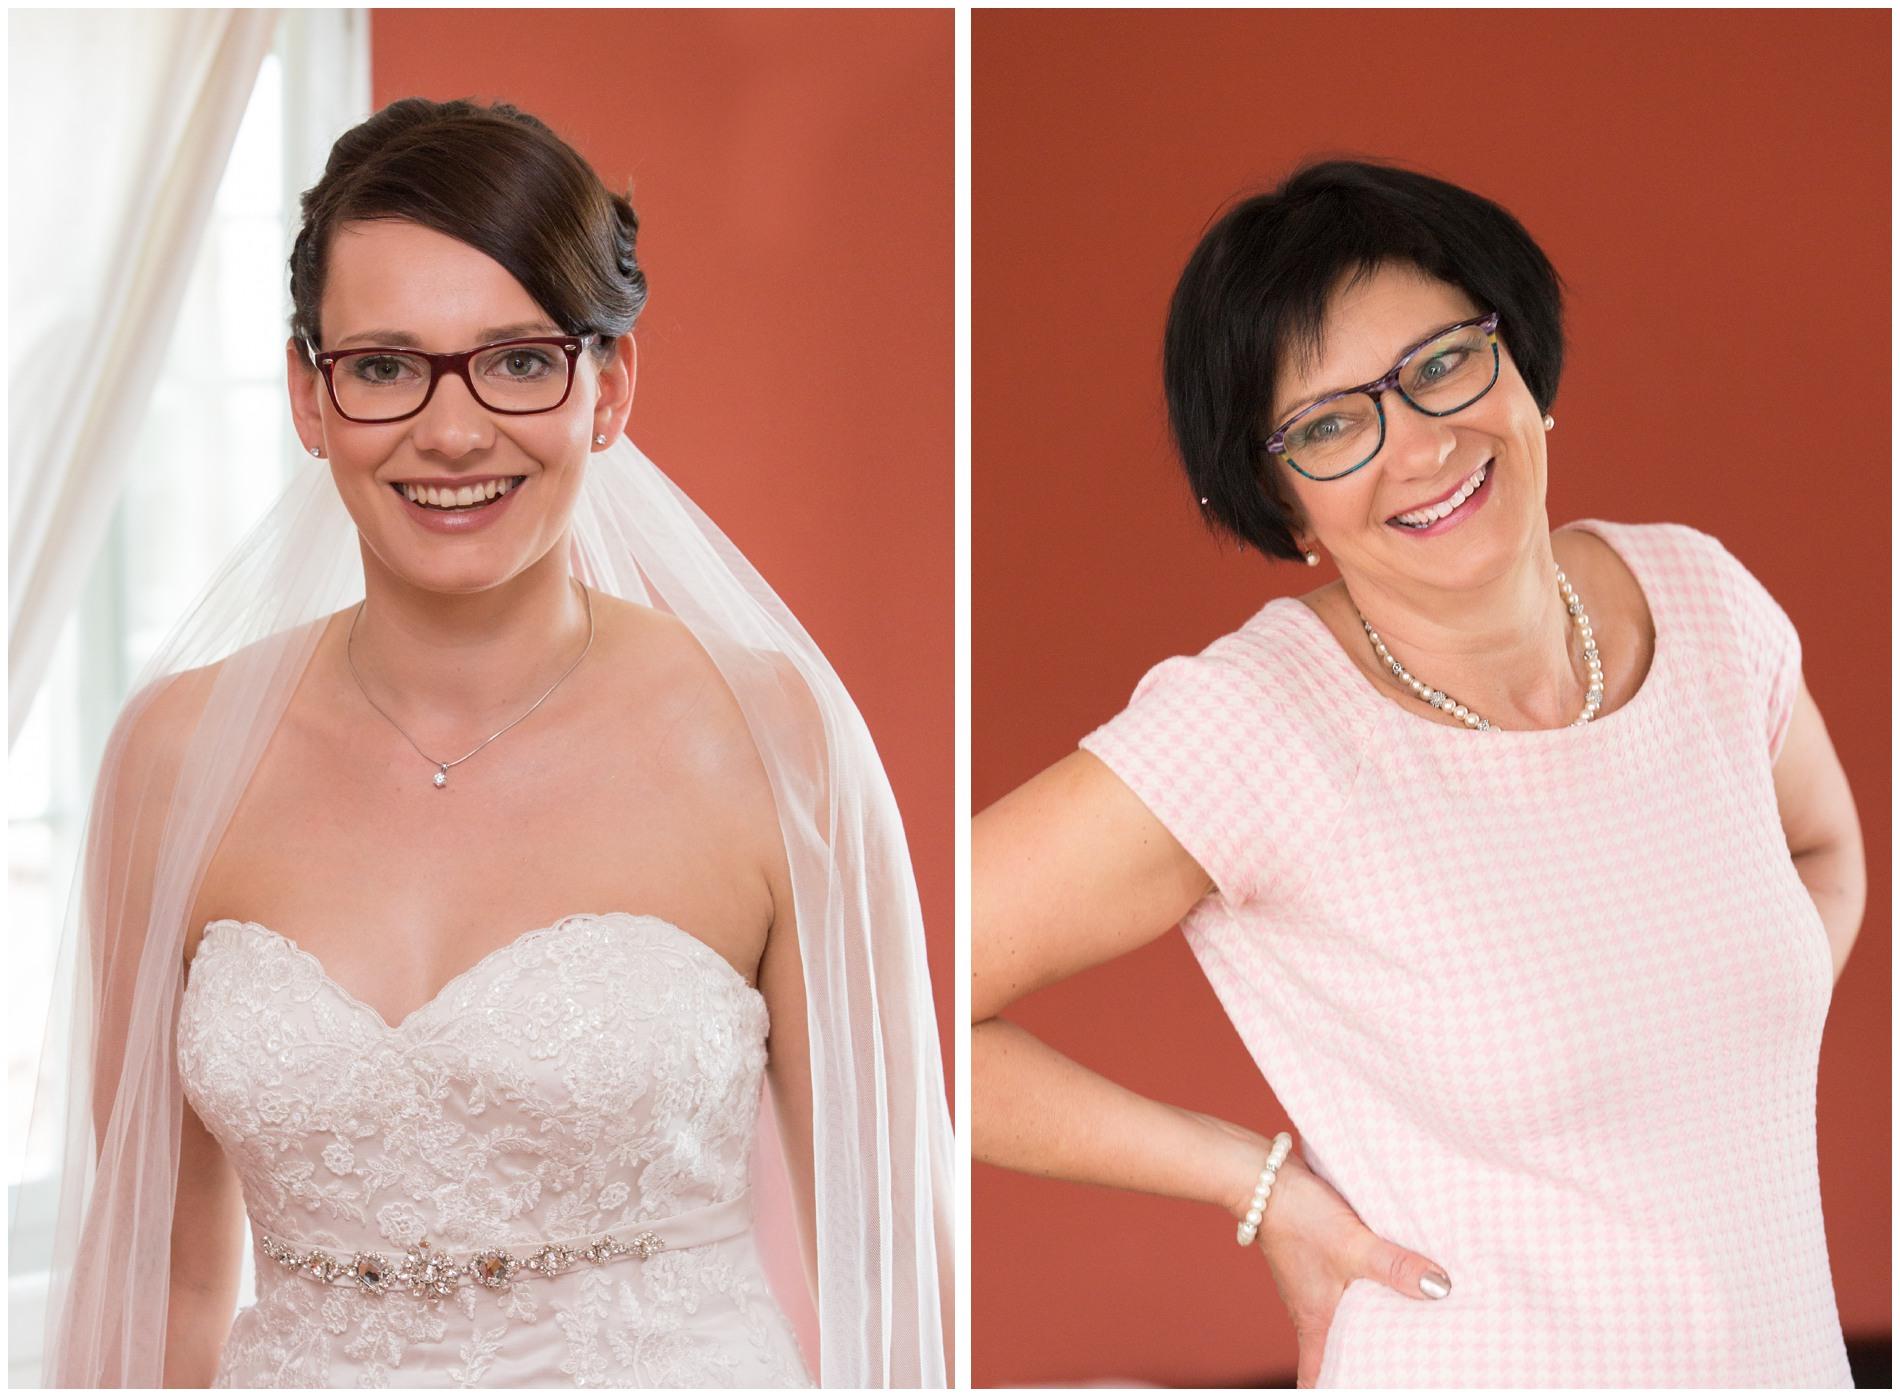 Hochzeit Zwickau – Hochzeitsfotograf Stephanie Scharschmidt